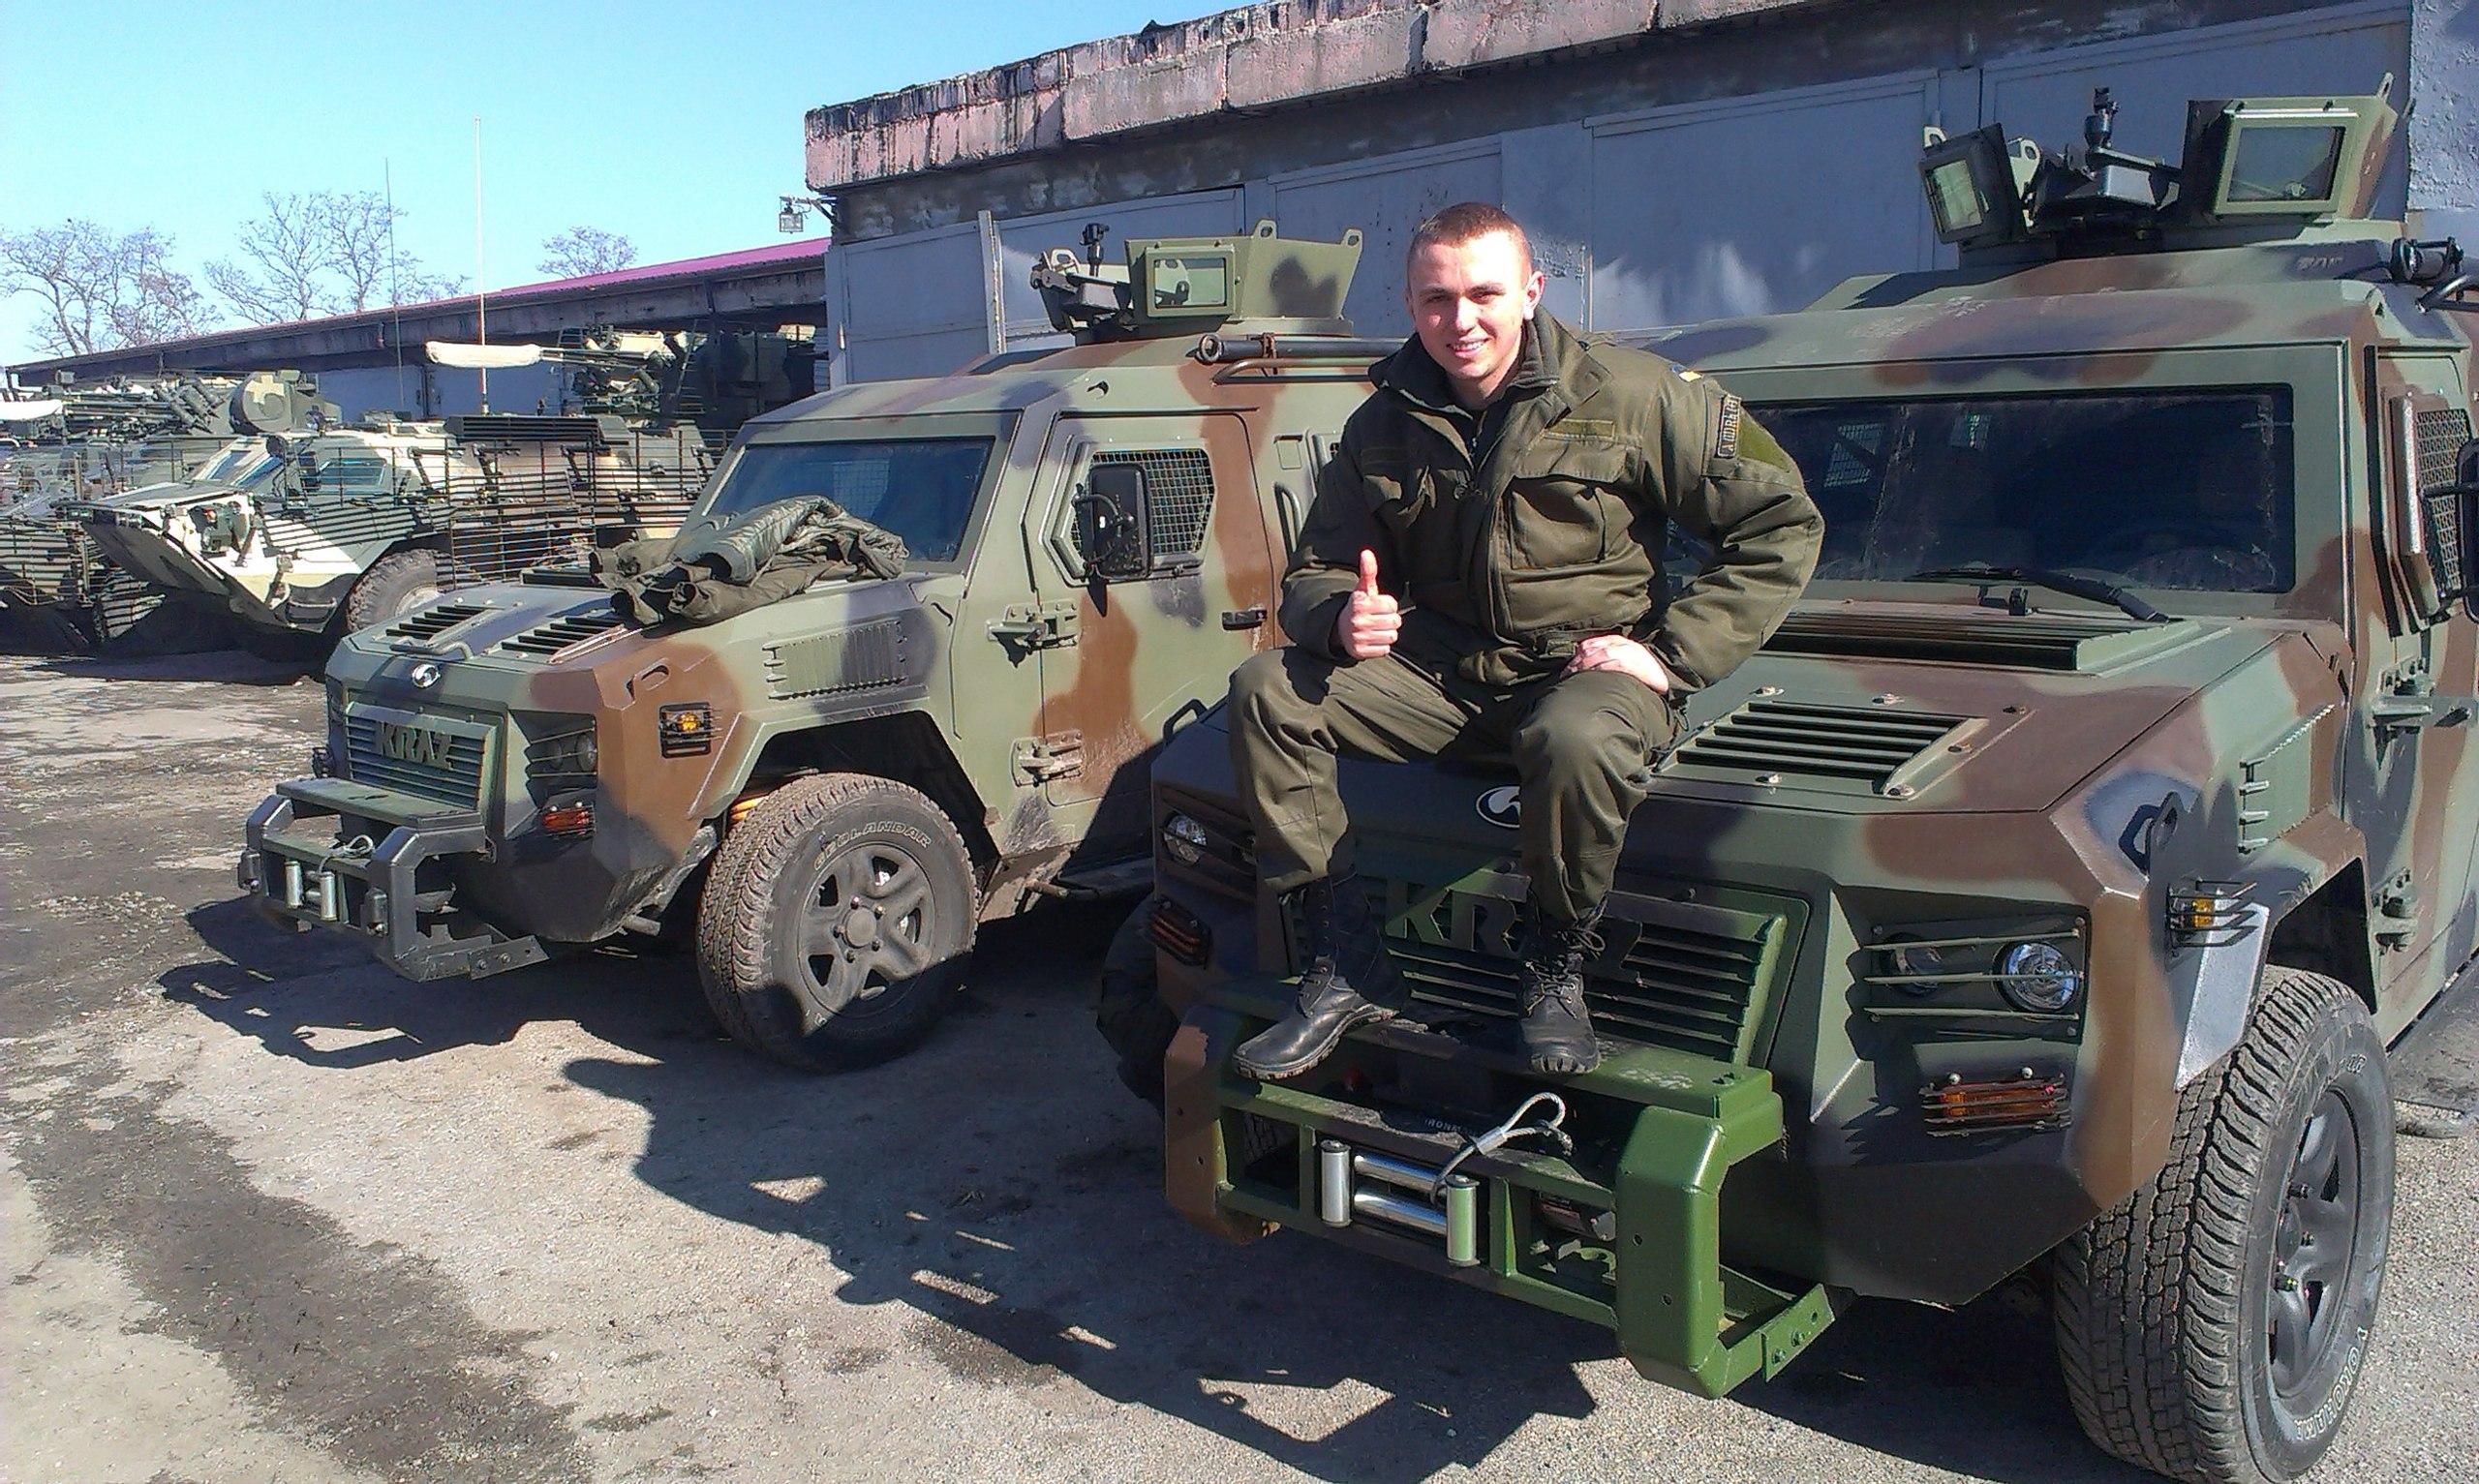 Порошенко подписал закон, засчитывающий в стаж время нахождения на военной службе - Цензор.НЕТ 7879